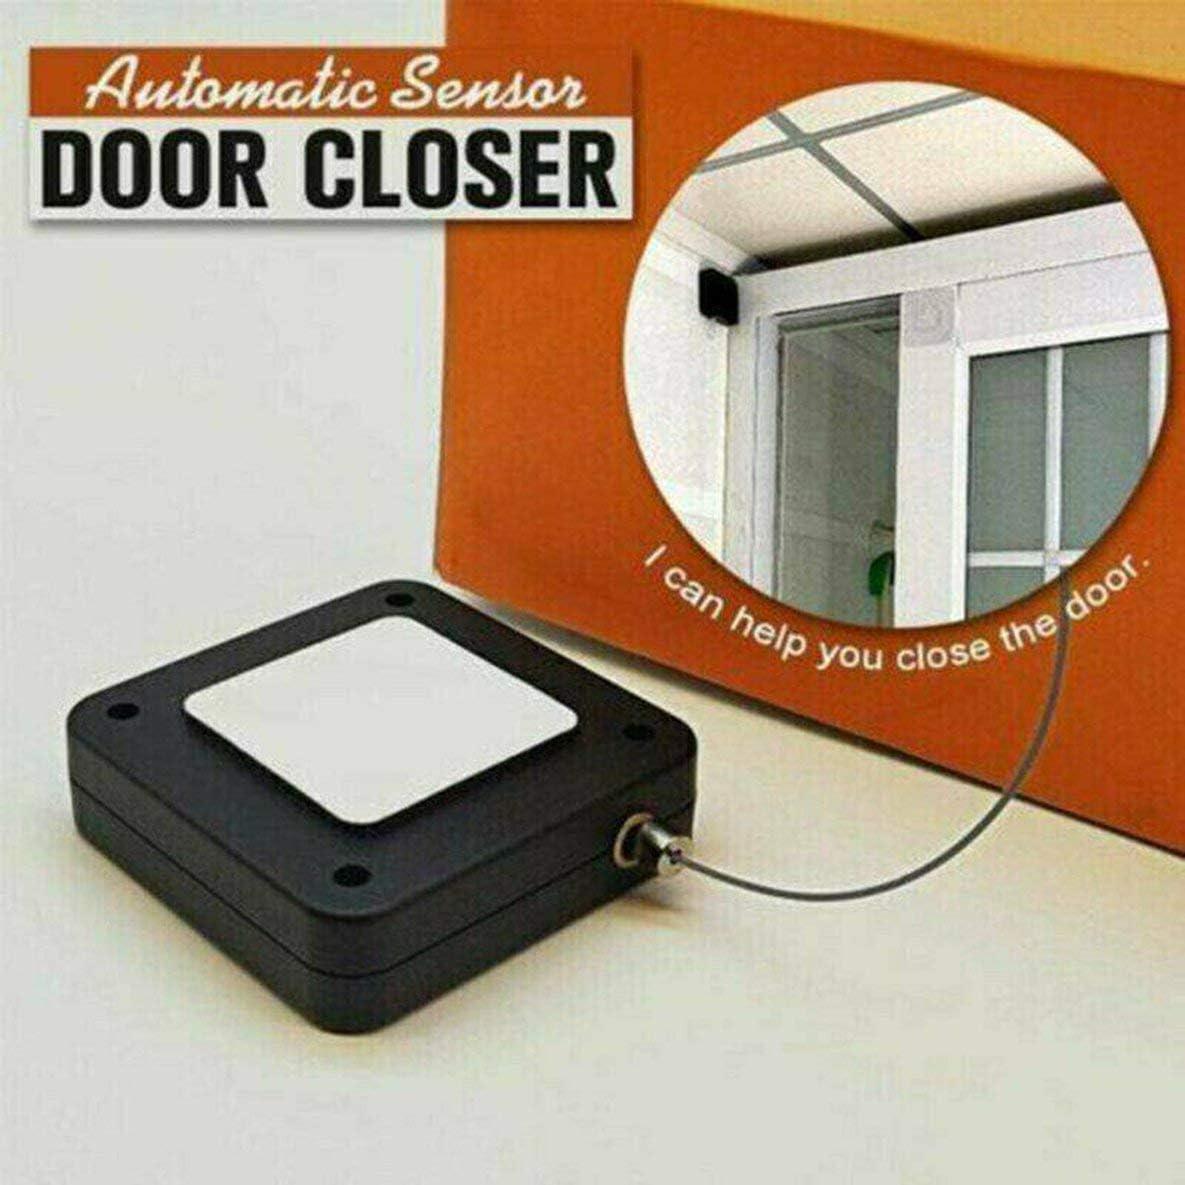 Ferme-Porte Noir poin/çonnage Multifonction nbvmngjhjlkjlUK Ferme-Porte Noir Ferme-Porte /à Rebond Automatique Balcon Domestique